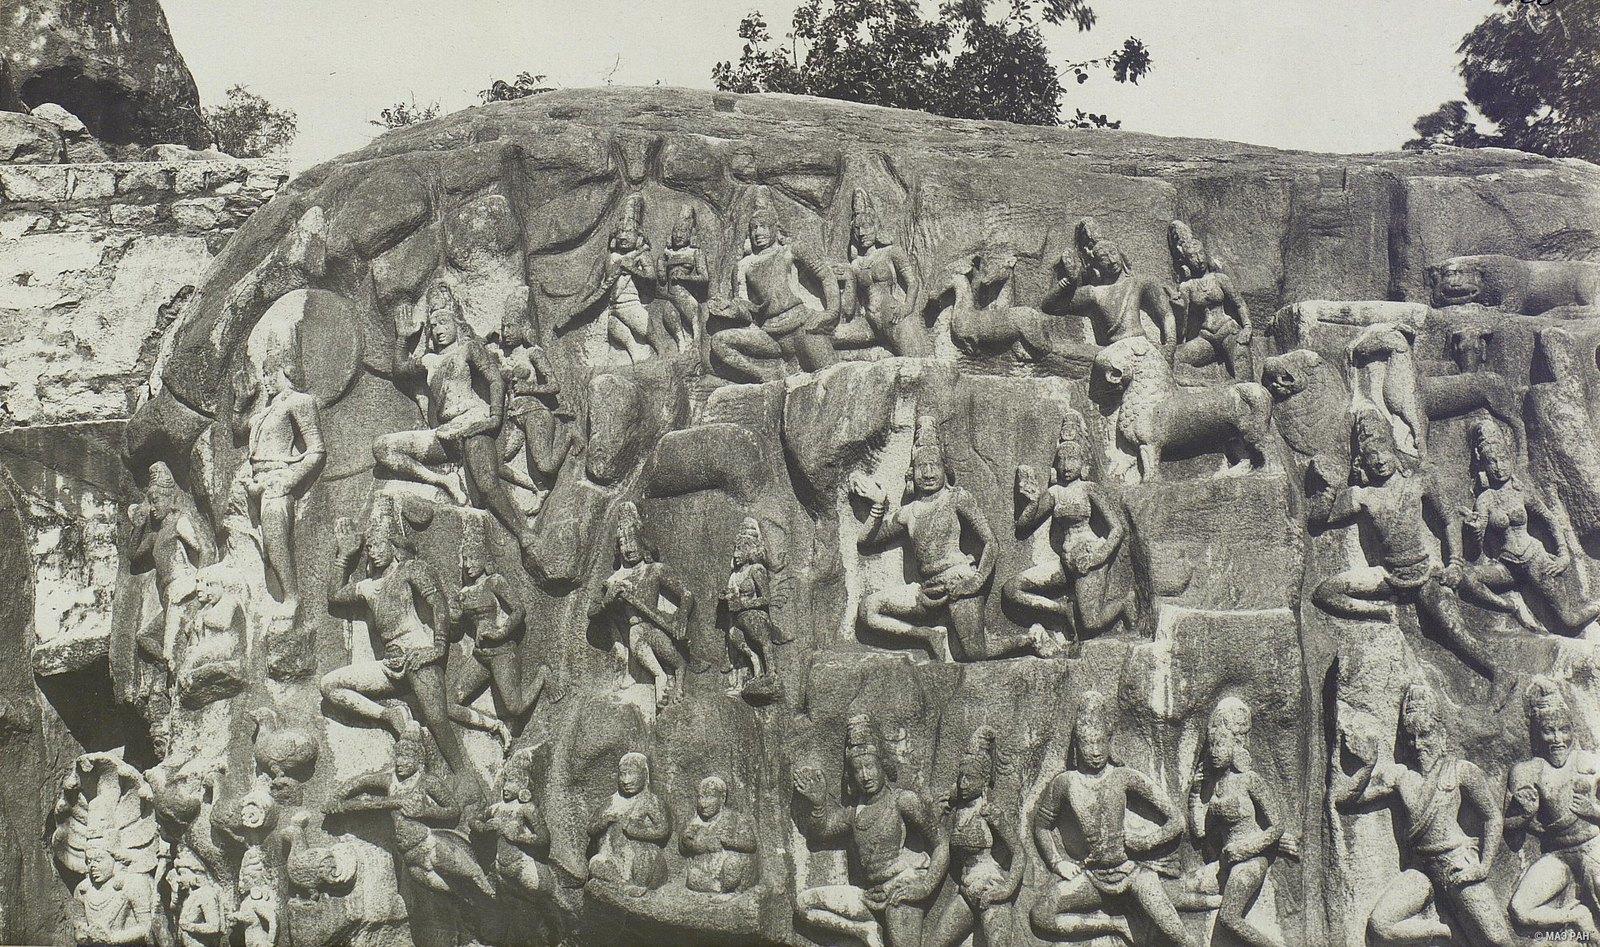 14. ы Мамаллапур (детали рельефа «Шива со свитой» и «Арджуна в подвижничестве») (1)